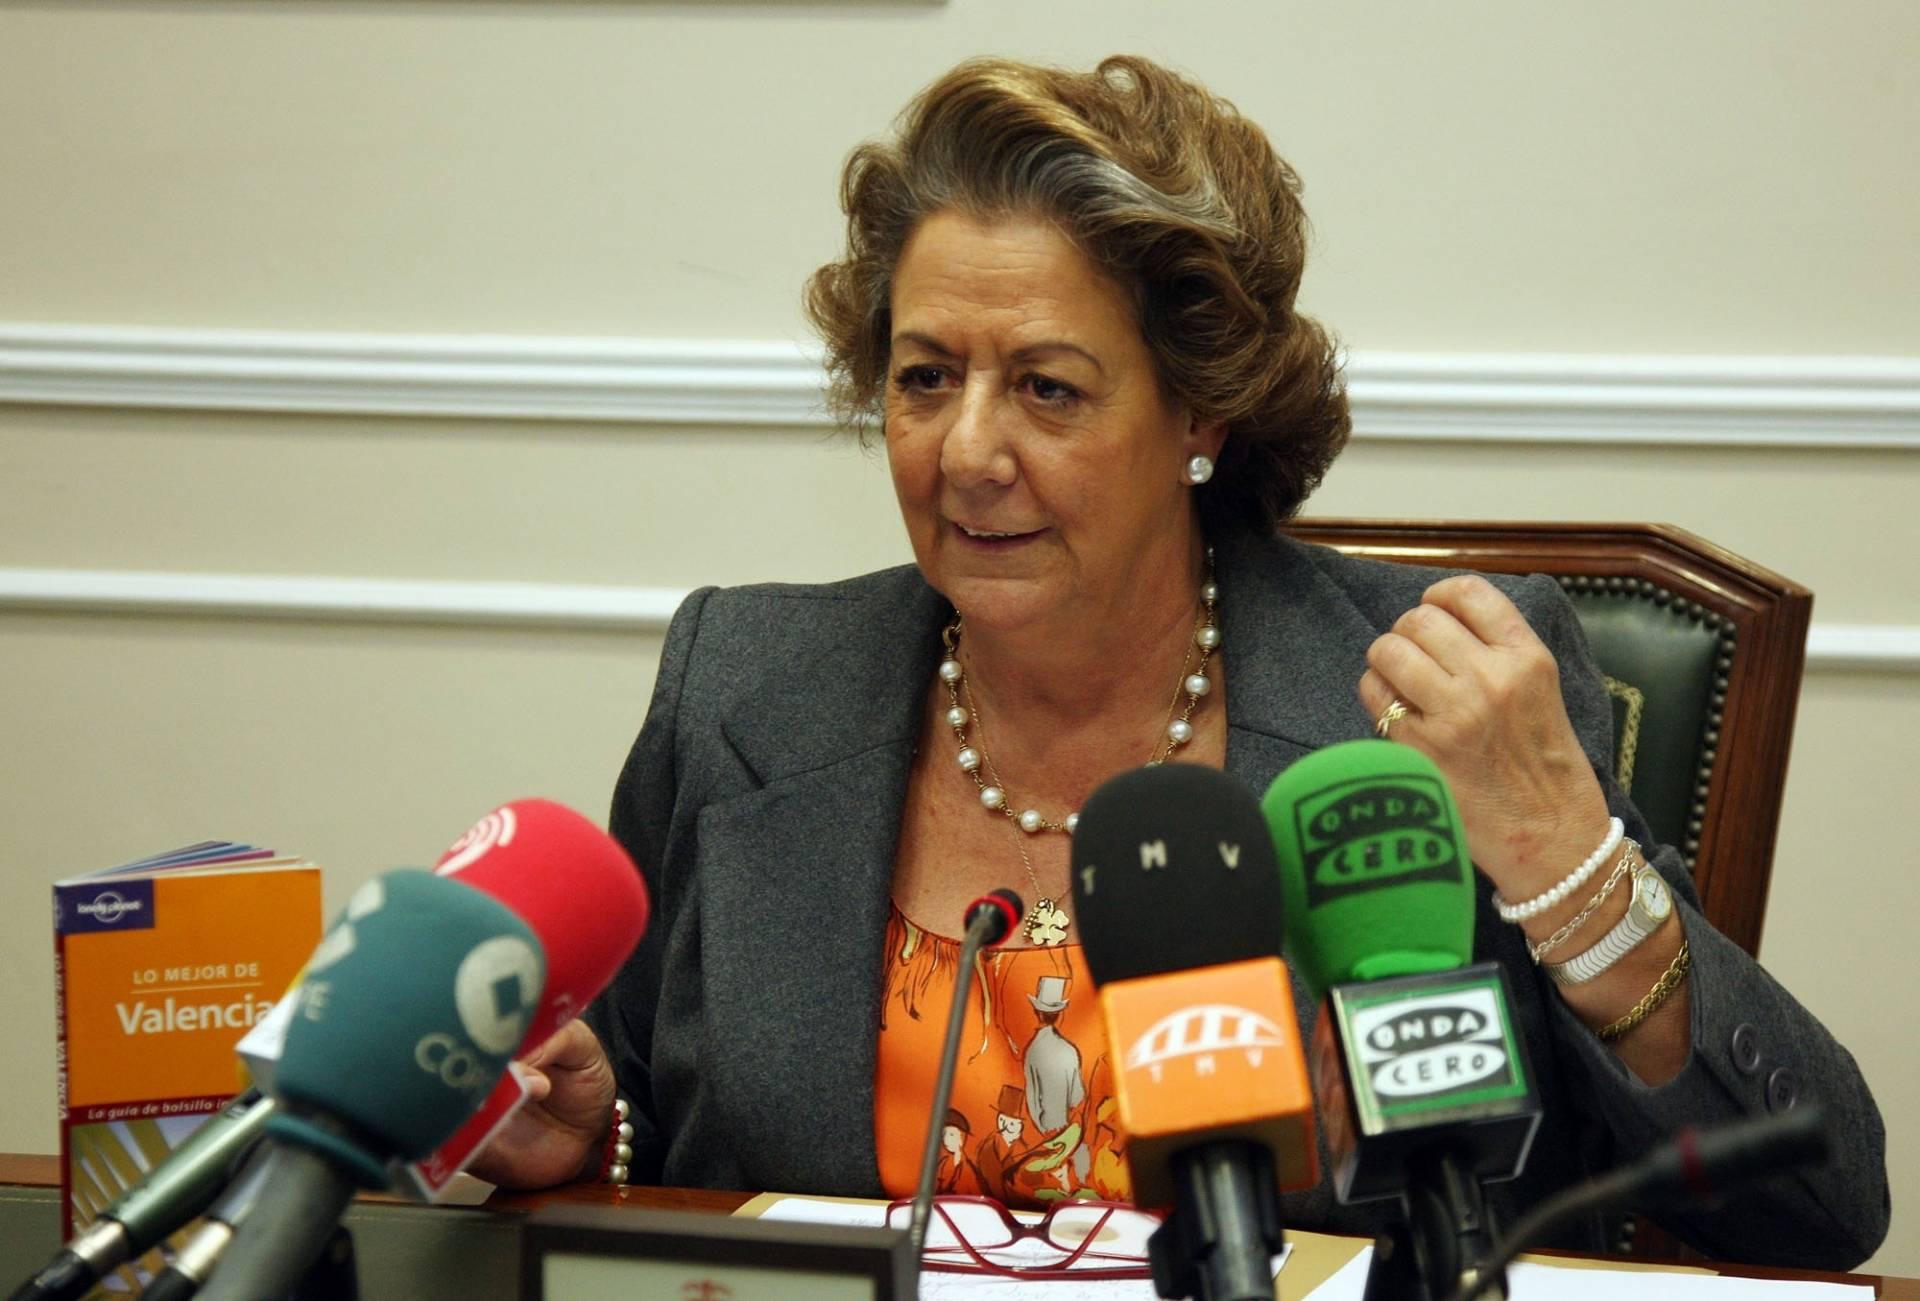 Rita Barberá, durante una comparecencia ante los medios cuando todavía ocupaba la alcaldía de Valencia.